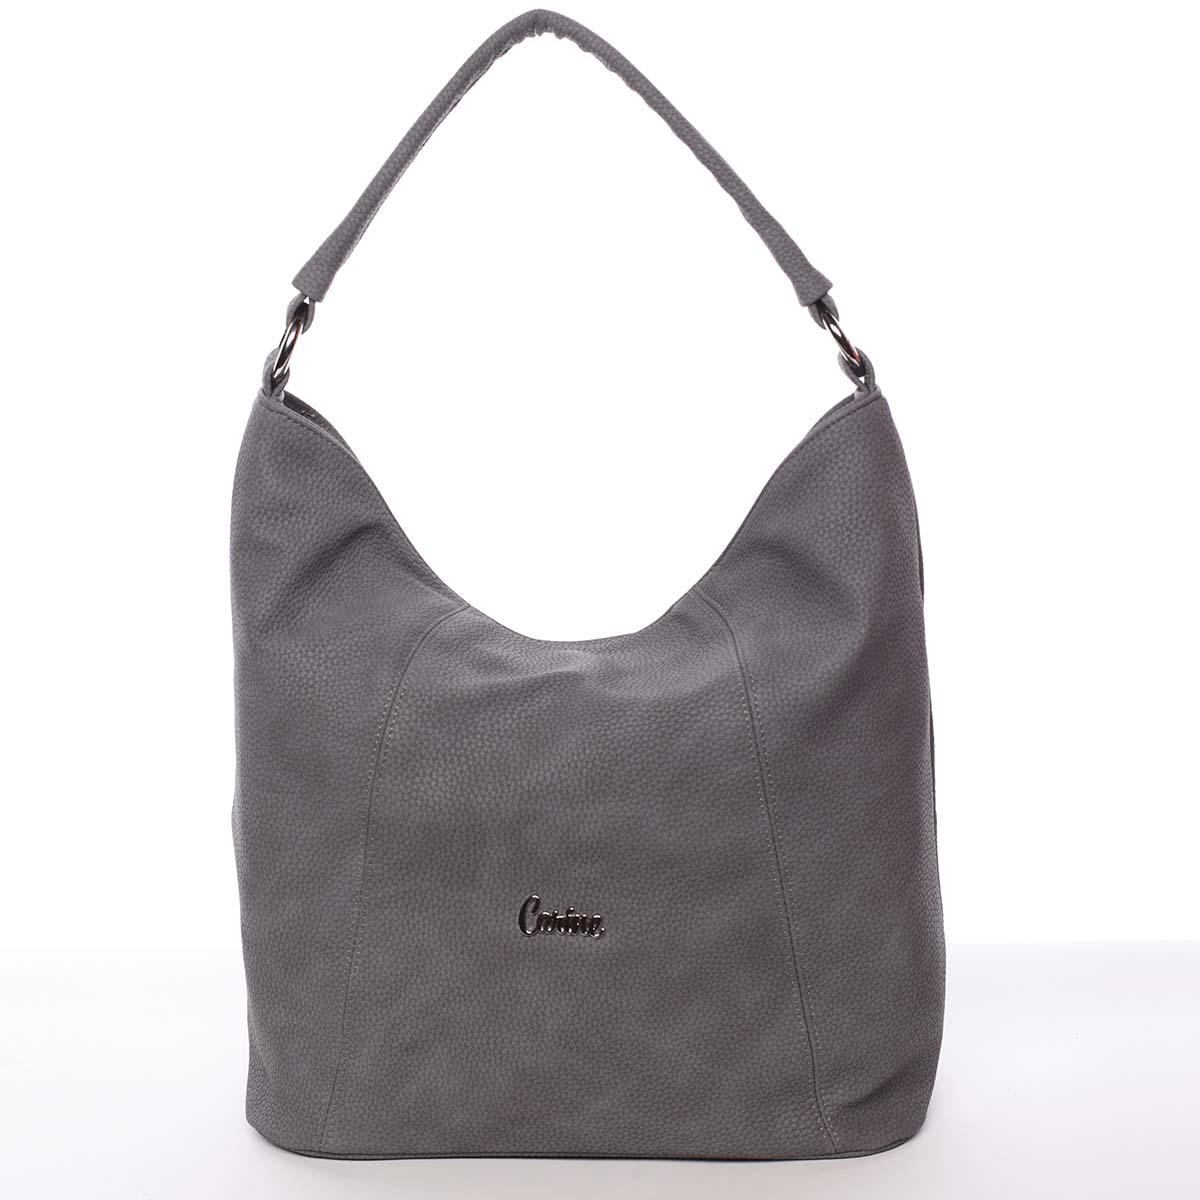 Módní dámská kabelka šedá - Carine Baylee